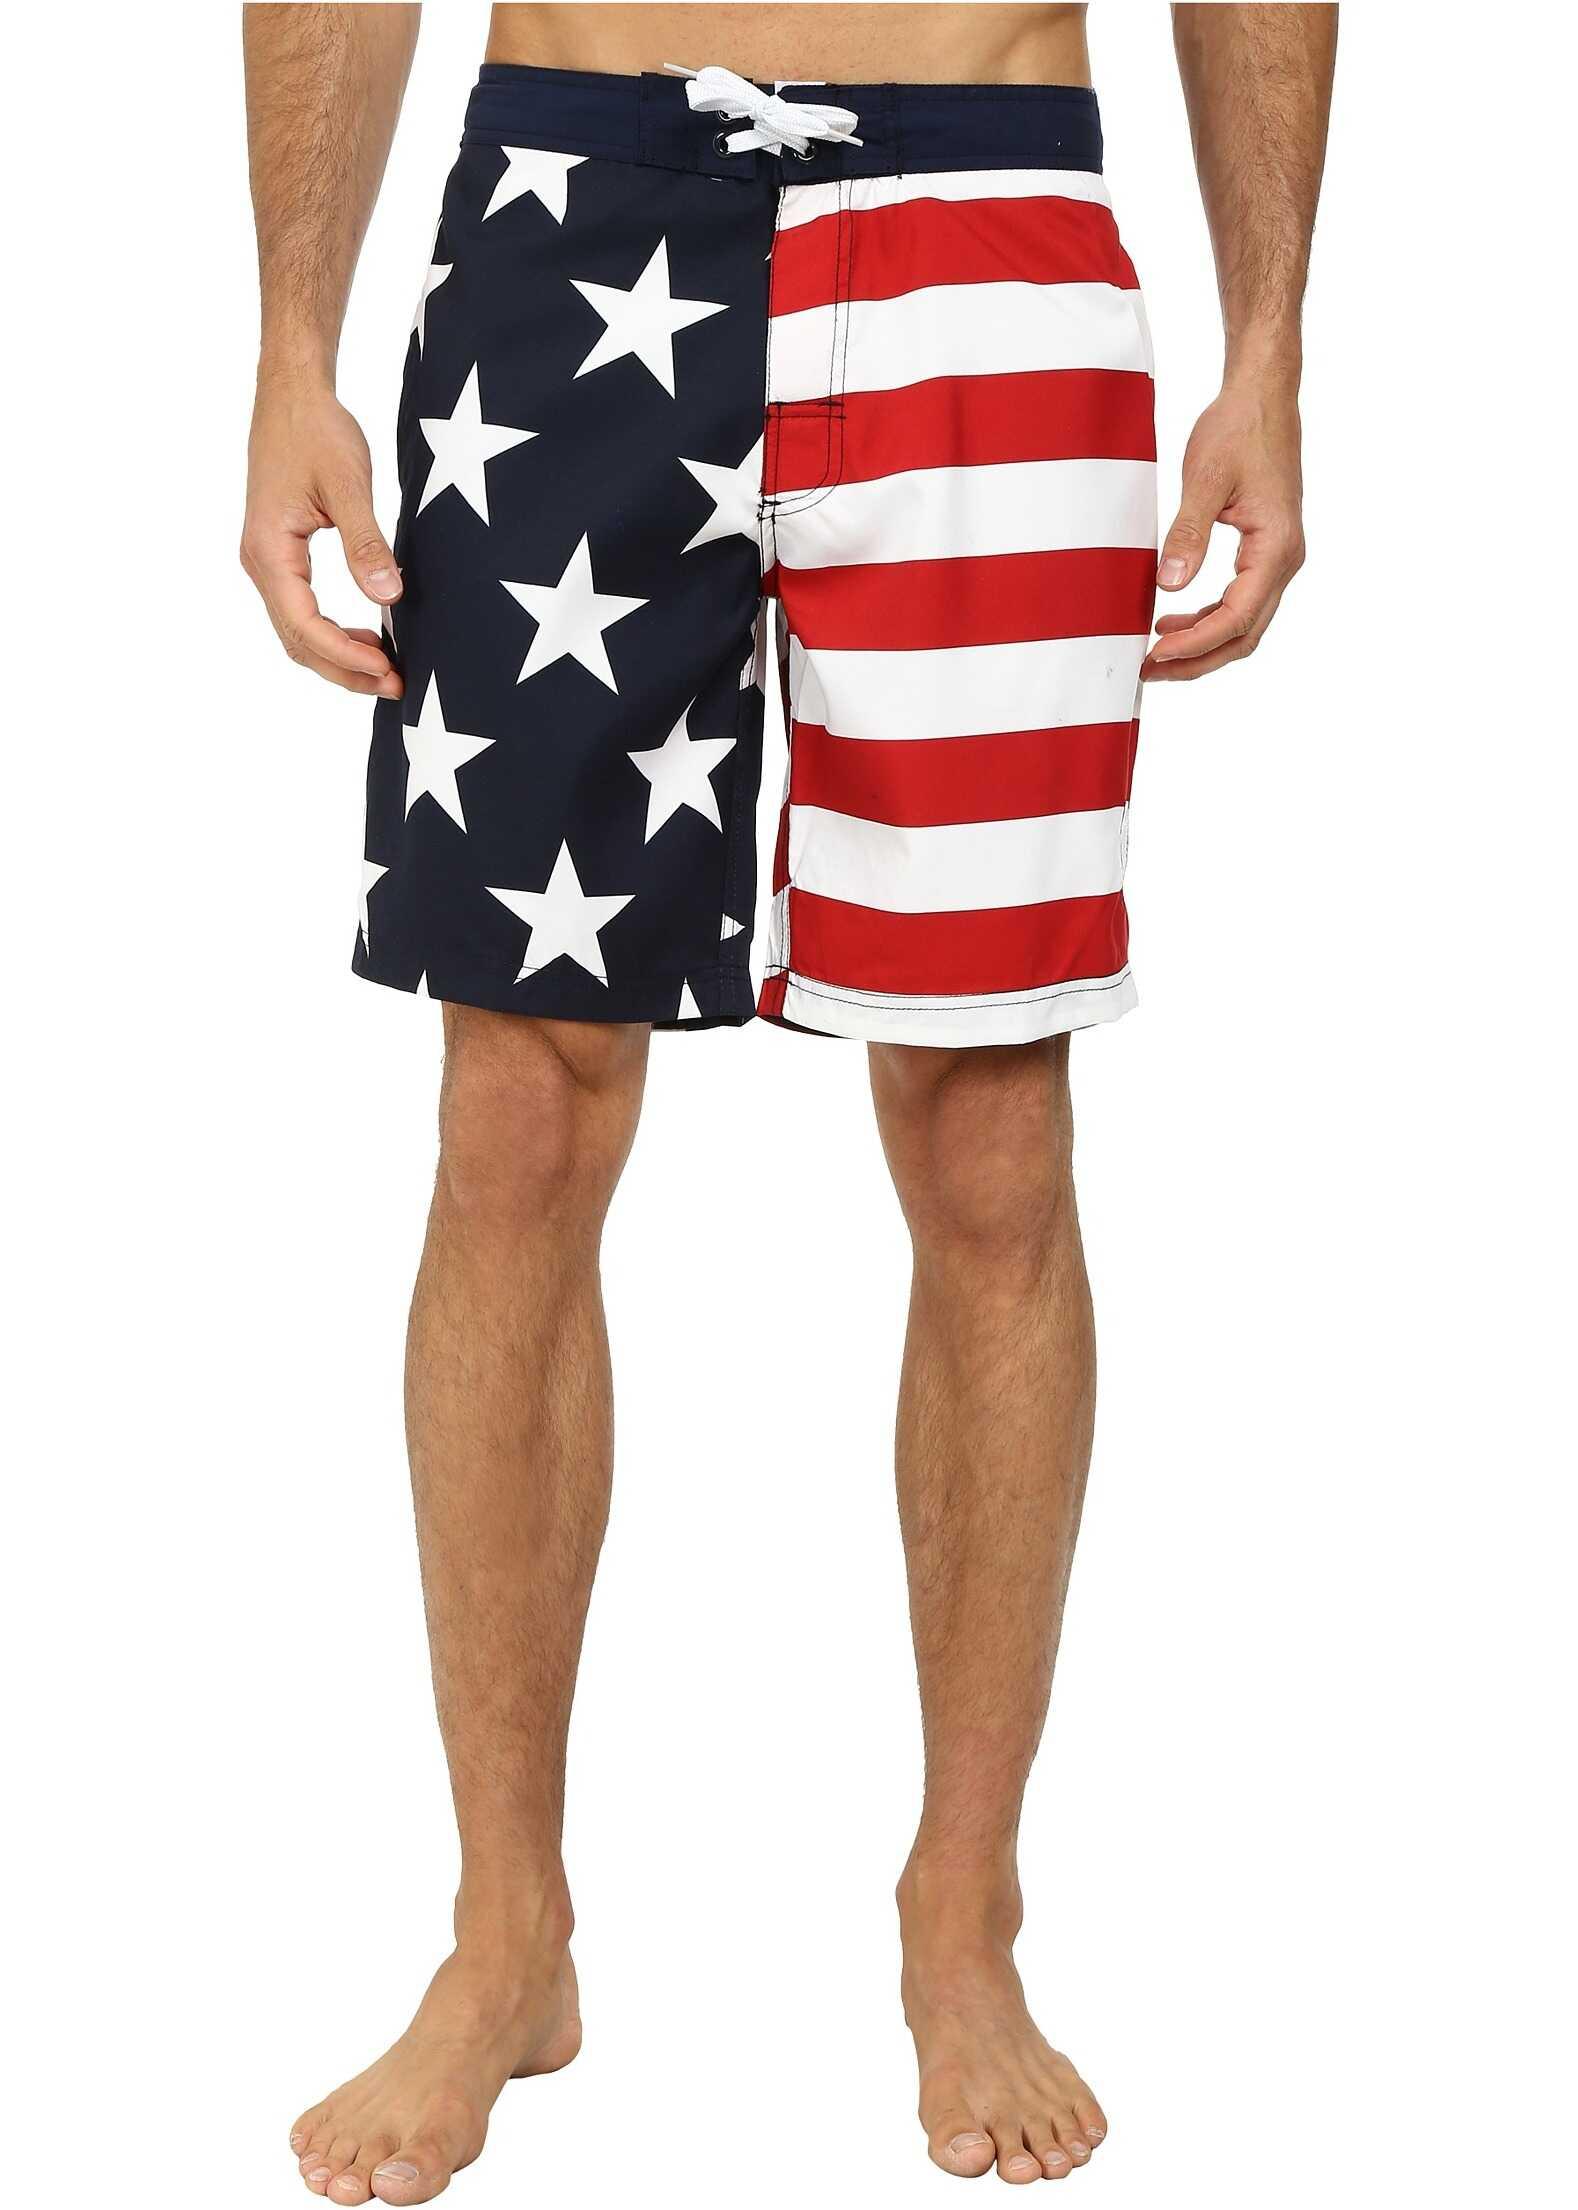 U.S. POLO ASSN. Americana Boardshorts Classic Navy